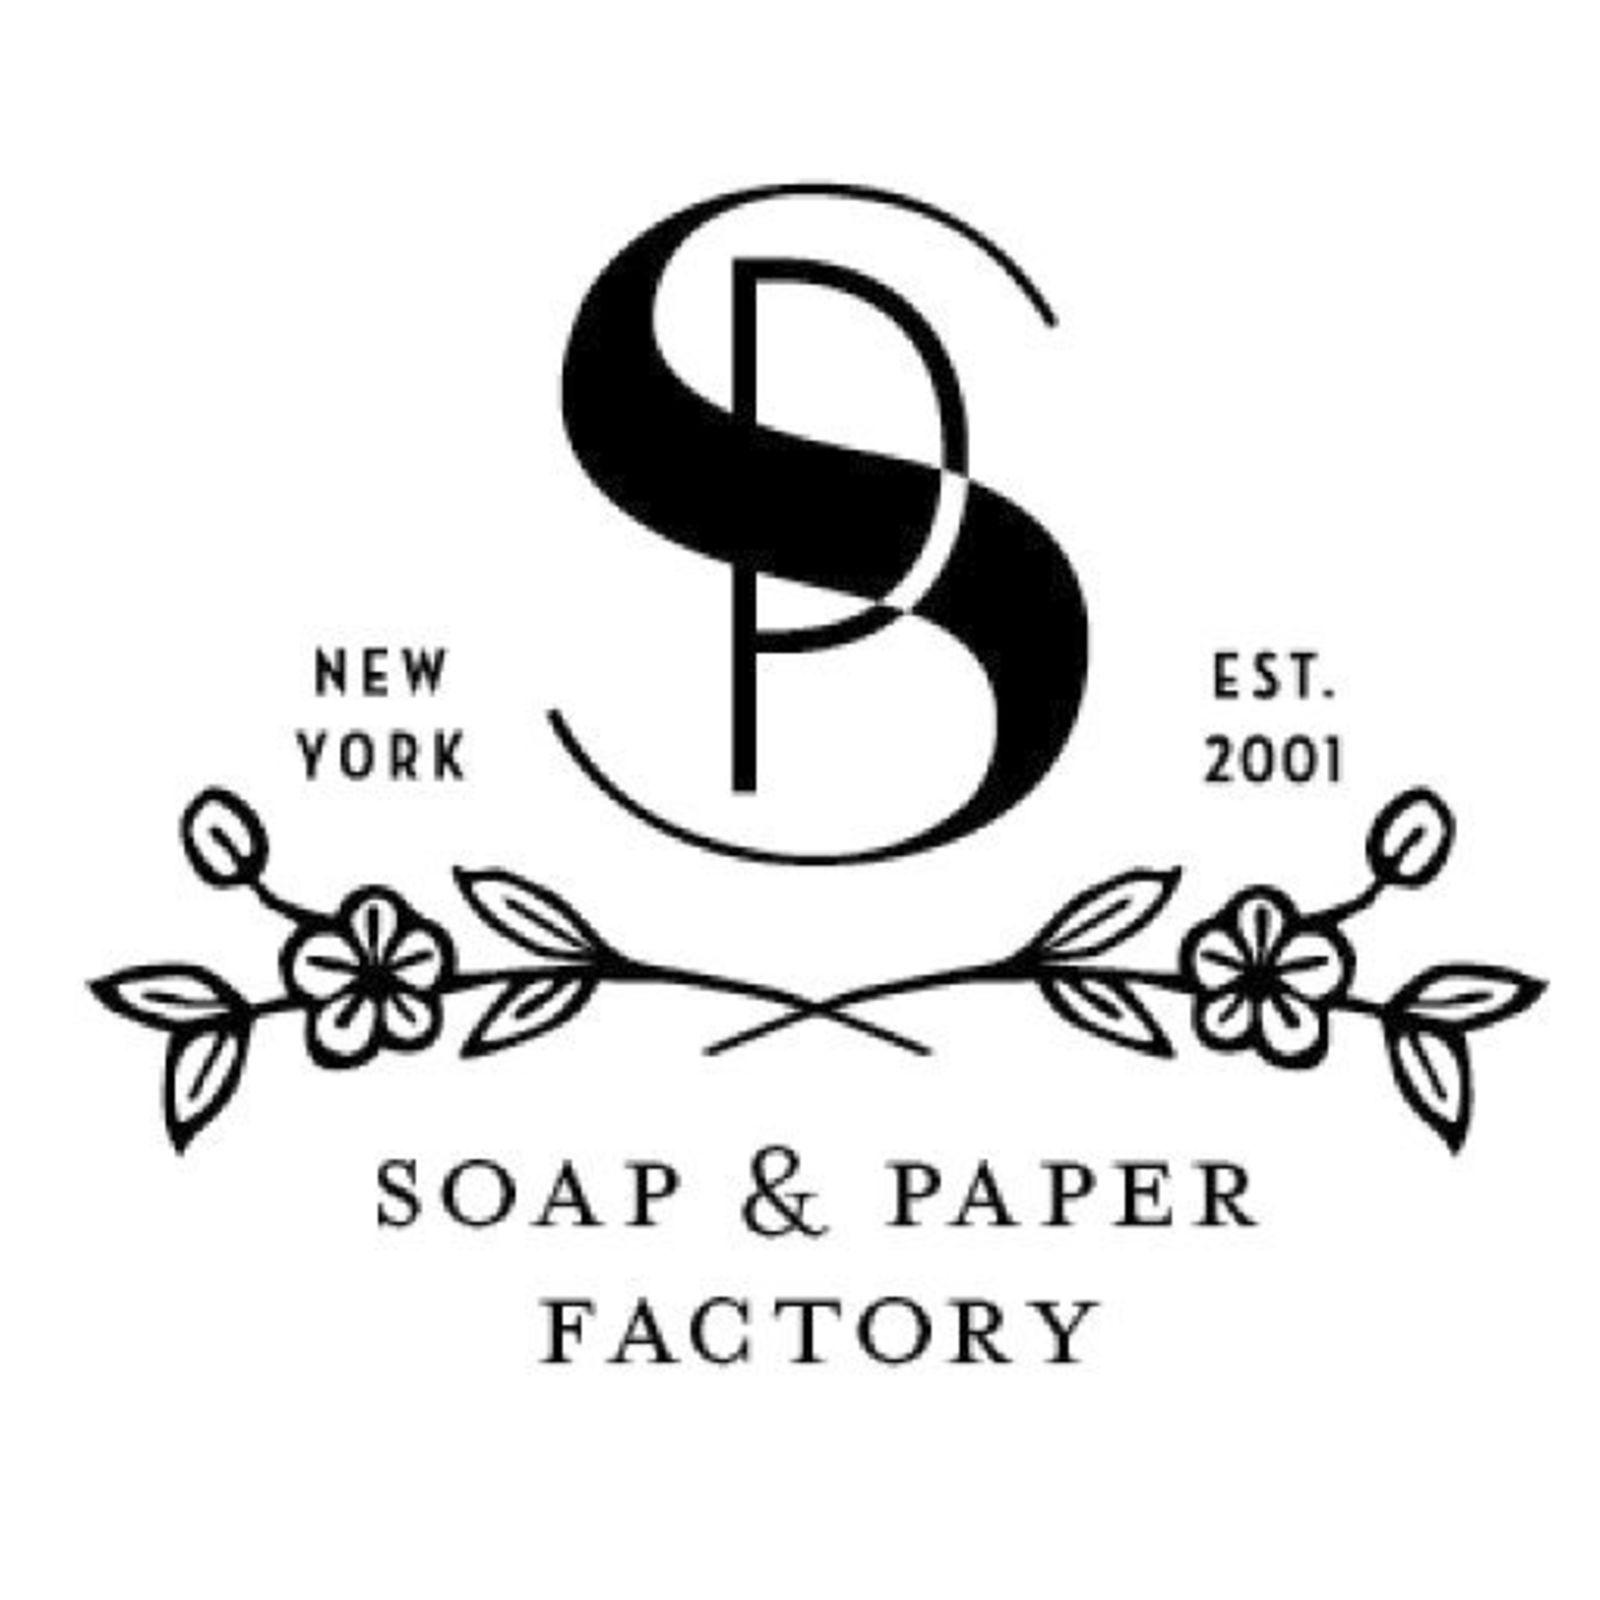 SOAP & PAPER FSCTORY